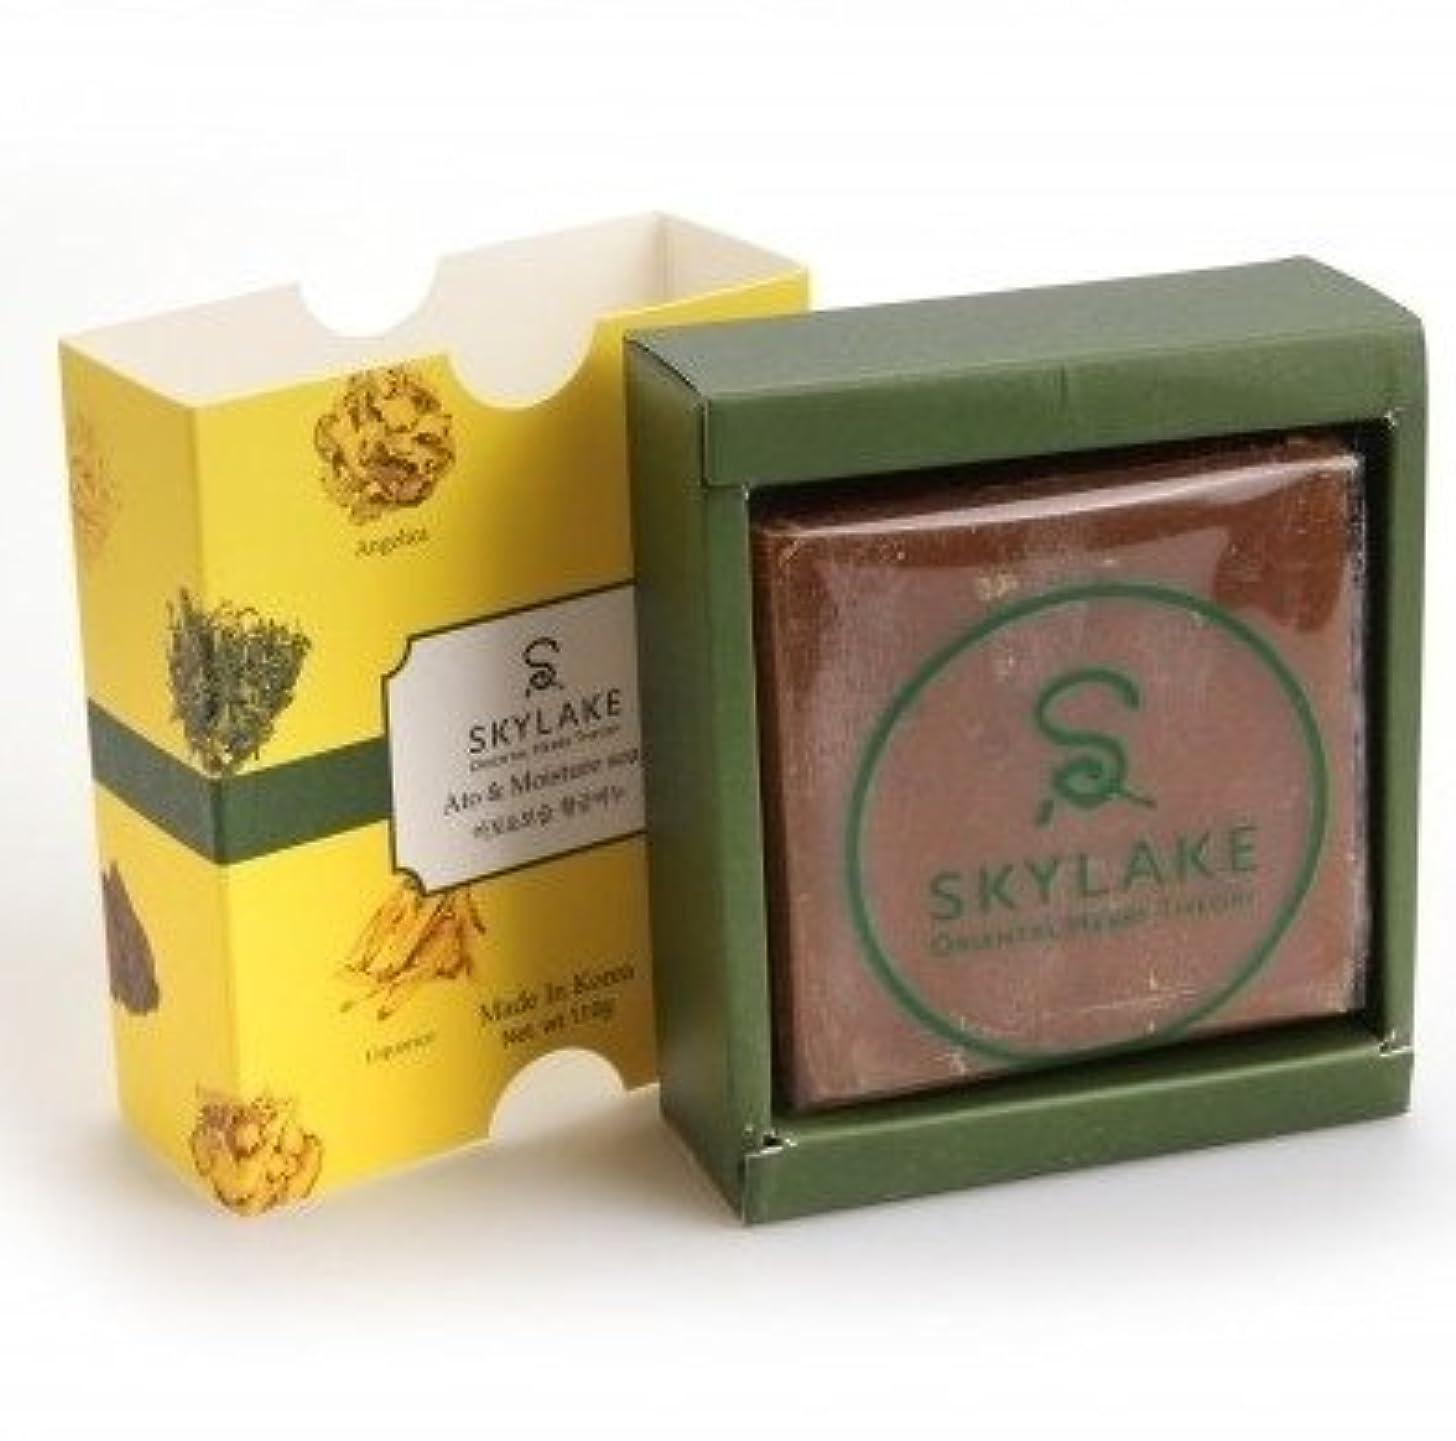 専門知識性交治安判事[1+1]ハヌルホス[Skylake] 漢方アロマ石鹸Oriental Herbs Theory Soap (アト?保湿用)